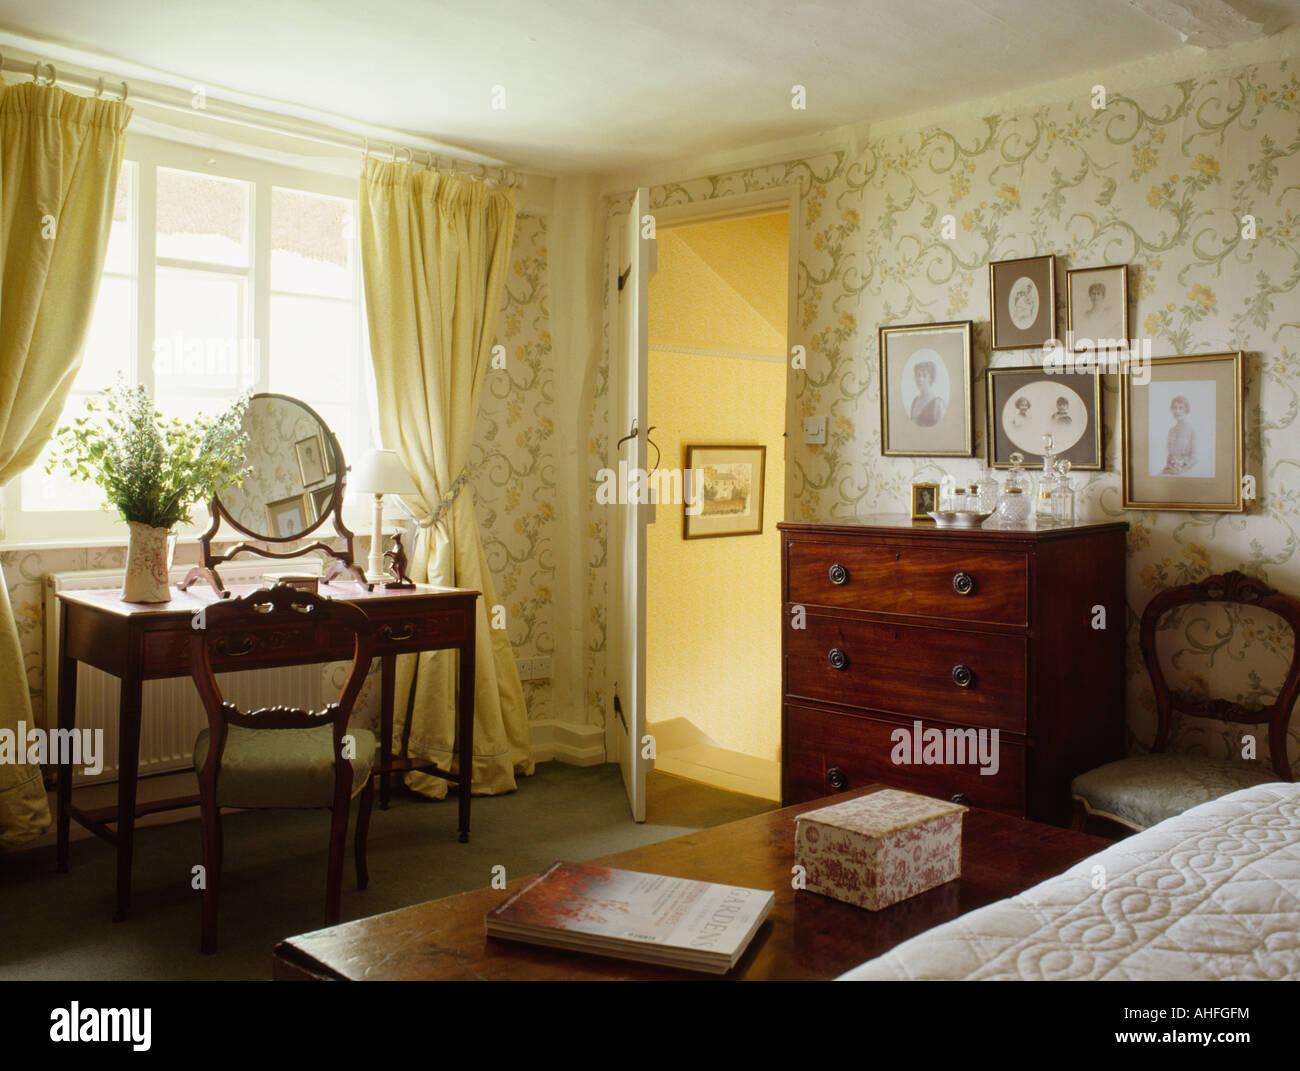 rideaux jaune pastel dans un chambre avec un papier peint motifs et neutre commode ancienne de tiroirs et une table de